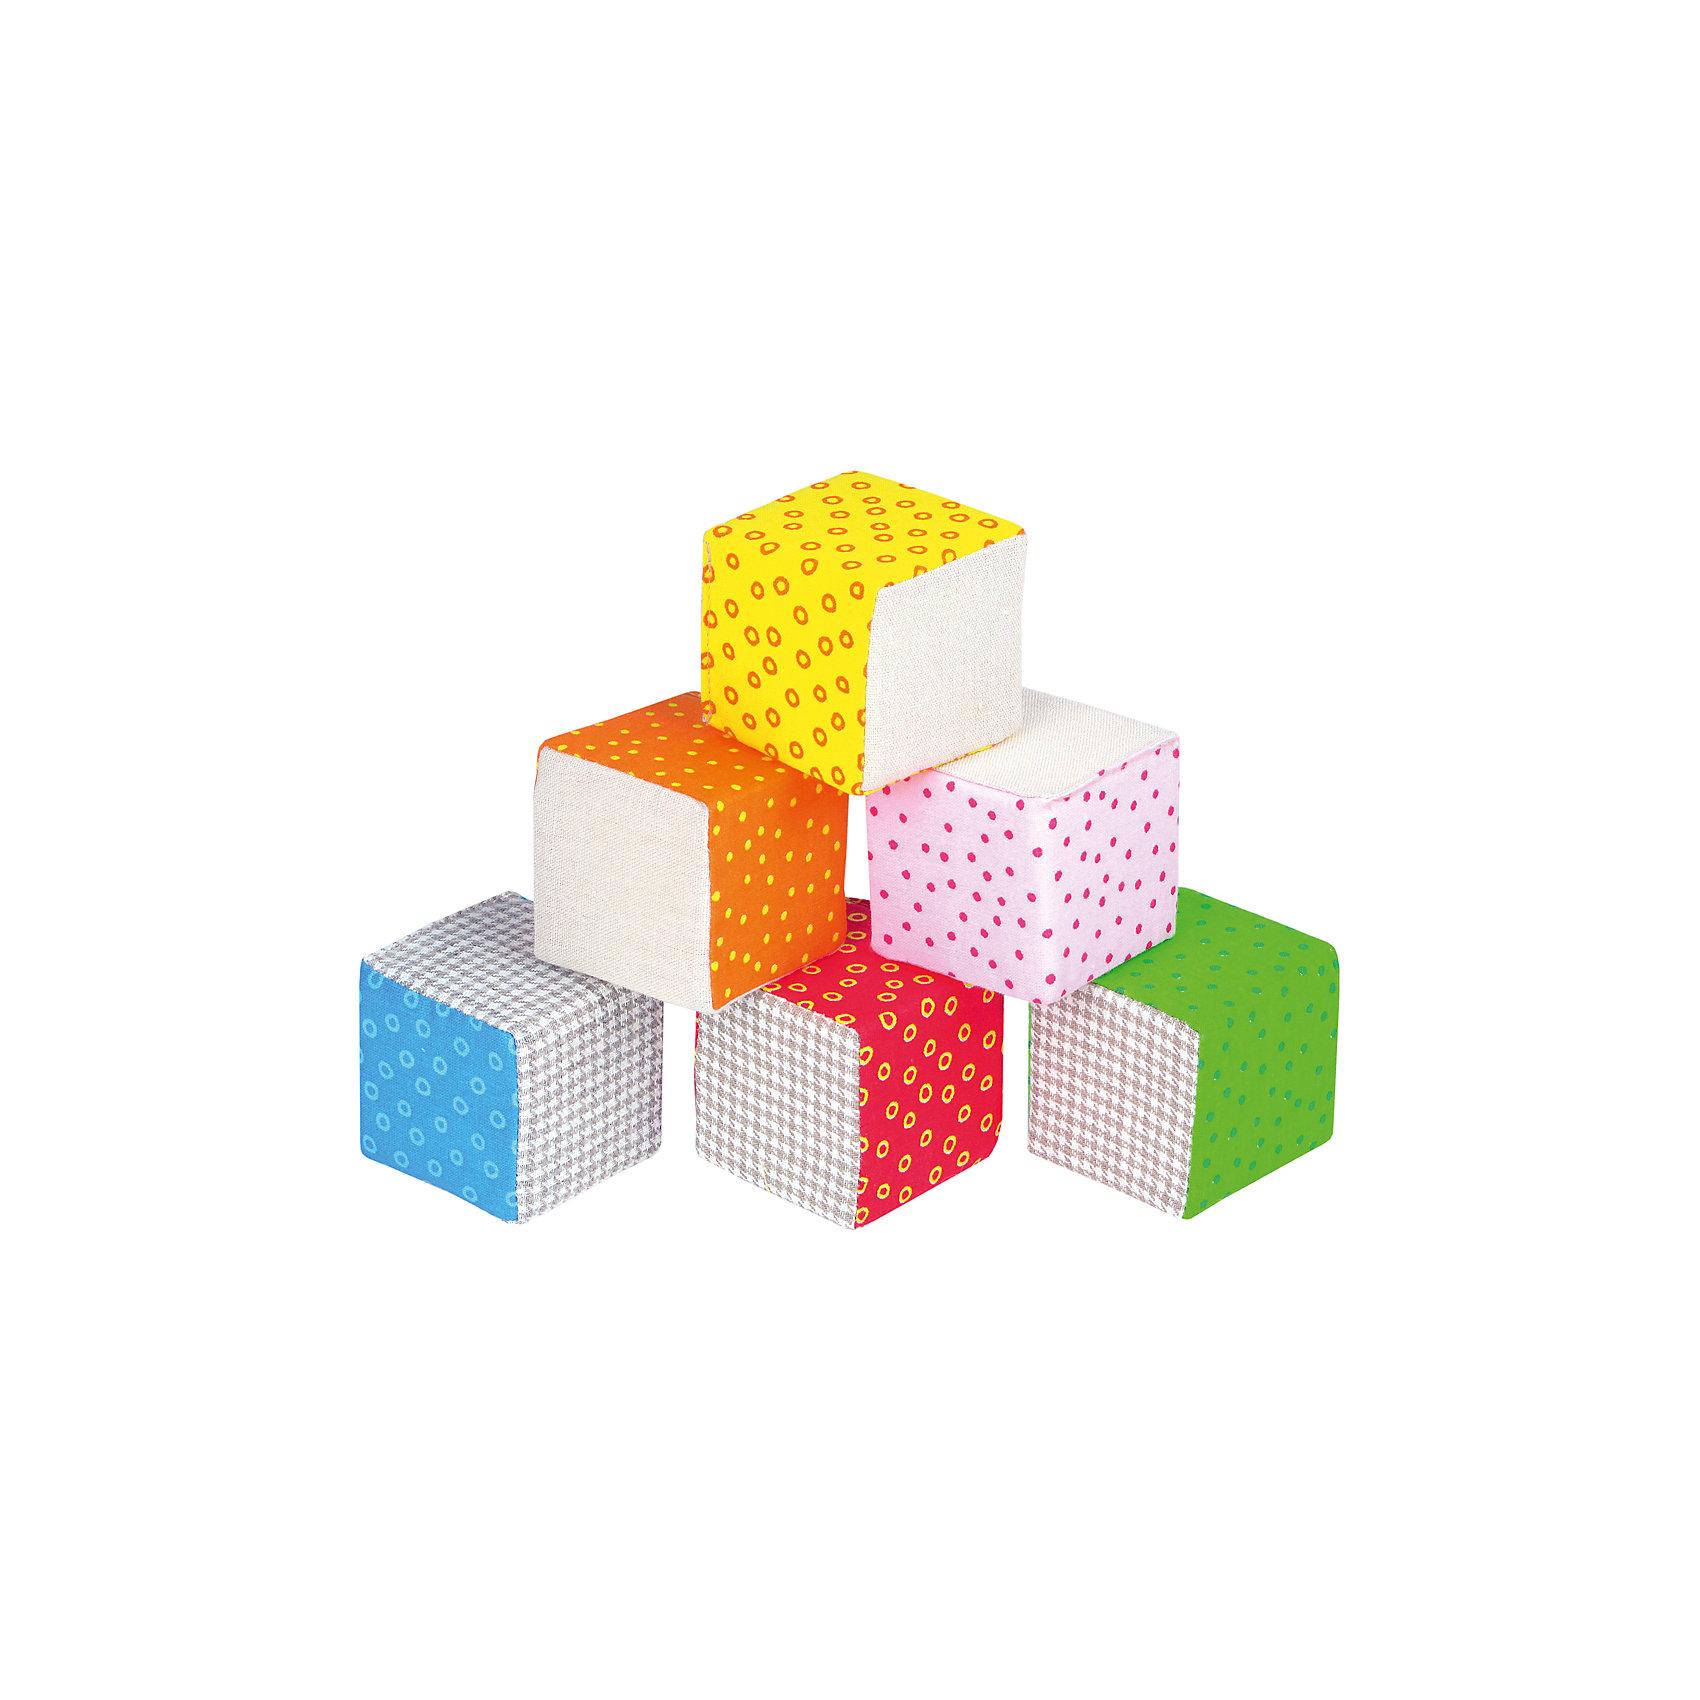 Эко Кубики, МякишиМягкие игрушки<br>Характеристики товара:<br><br>• материал: хлопок, лён, поролон<br>• комплектация: 6 шт<br>• размер кубика: 6х6 см<br>• размер упаковки: 14 x 26 x 7 см<br>• развивающая игрушка<br>• звуковой элемент в одном кубике<br>• упаковка: пакет<br>• страна бренда: РФ<br>• страна изготовитель: РФ<br><br>Малыши активно познают мир и тянутся к новой информации. Чтобы сделать процесс изучения окружающего пространства интереснее, ребенку можно подарить развивающие игрушки. В процессе игры информация усваивается намного лучше!<br>Такие кубики помогут занять малыша, играть ими приятно и весело. Одновременно они позволят познакомиться с разными цветами и фактурами. Такие игрушки развивают тактильные ощущения, моторику, цветовосприятие, логику, воображение, учат фокусировать внимание. Каждое изделие абсолютно безопасно – оно создано из качественной ткани с мягким наполнителем. Игрушки производятся из качественных и проверенных материалов, которые безопасны для детей.<br><br>Эко Кубики от бренда Мякиши можно купить в нашем интернет-магазине.<br><br>Ширина мм: 140<br>Глубина мм: 65<br>Высота мм: 260<br>Вес г: 80<br>Возраст от месяцев: 12<br>Возраст до месяцев: 36<br>Пол: Унисекс<br>Возраст: Детский<br>SKU: 5183220